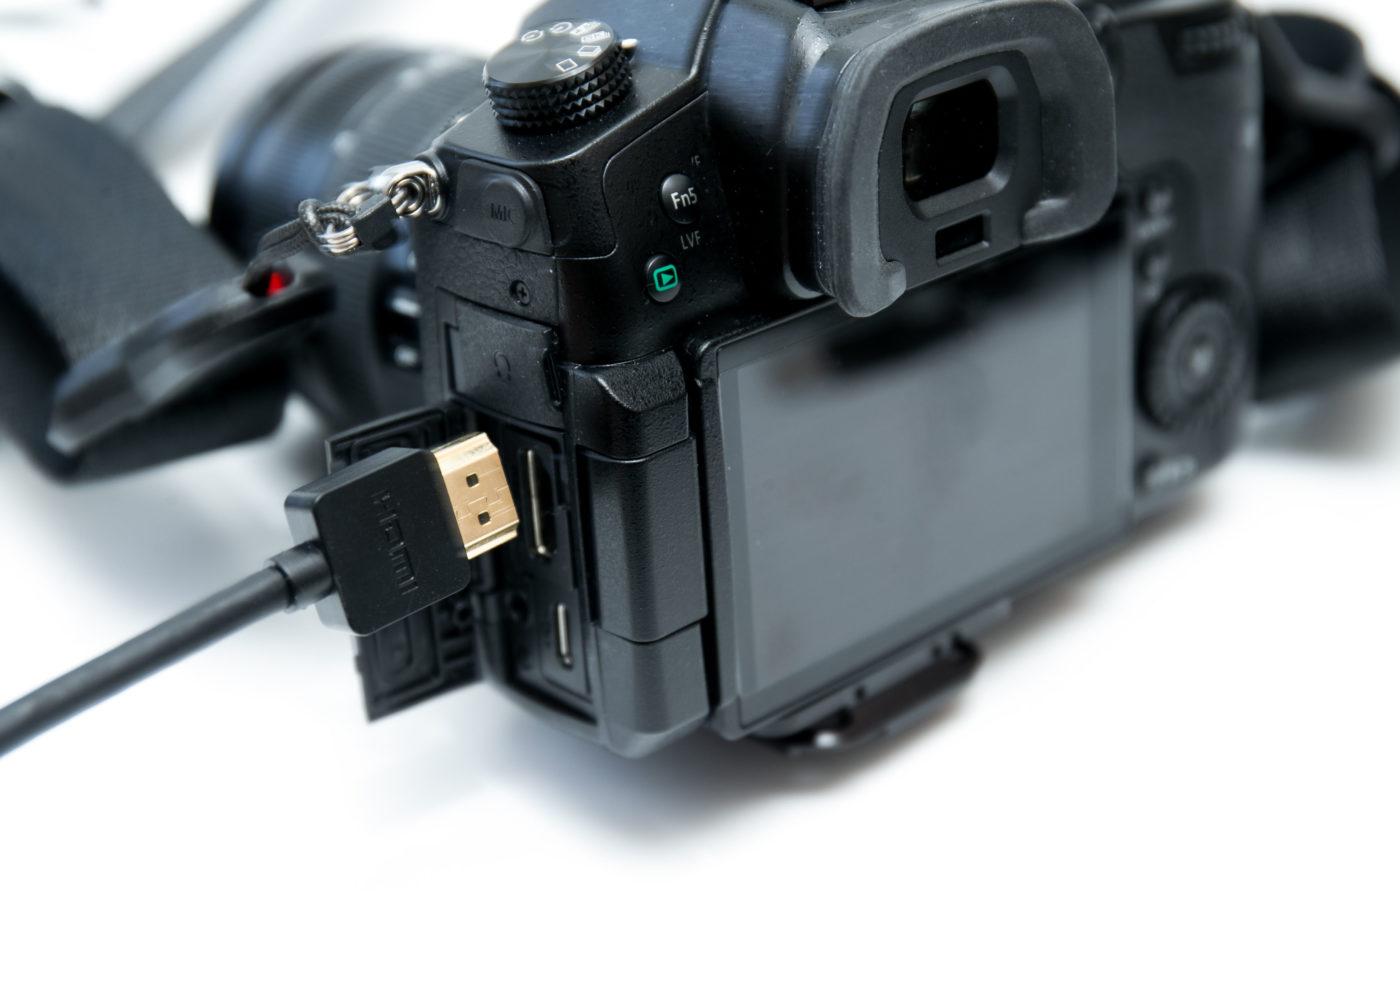 單眼 + 手機 = 高畫質直播! AVerMedia 圓剛 UVC 影像擷取器 BU110 應用篇 @3C 達人廖阿輝